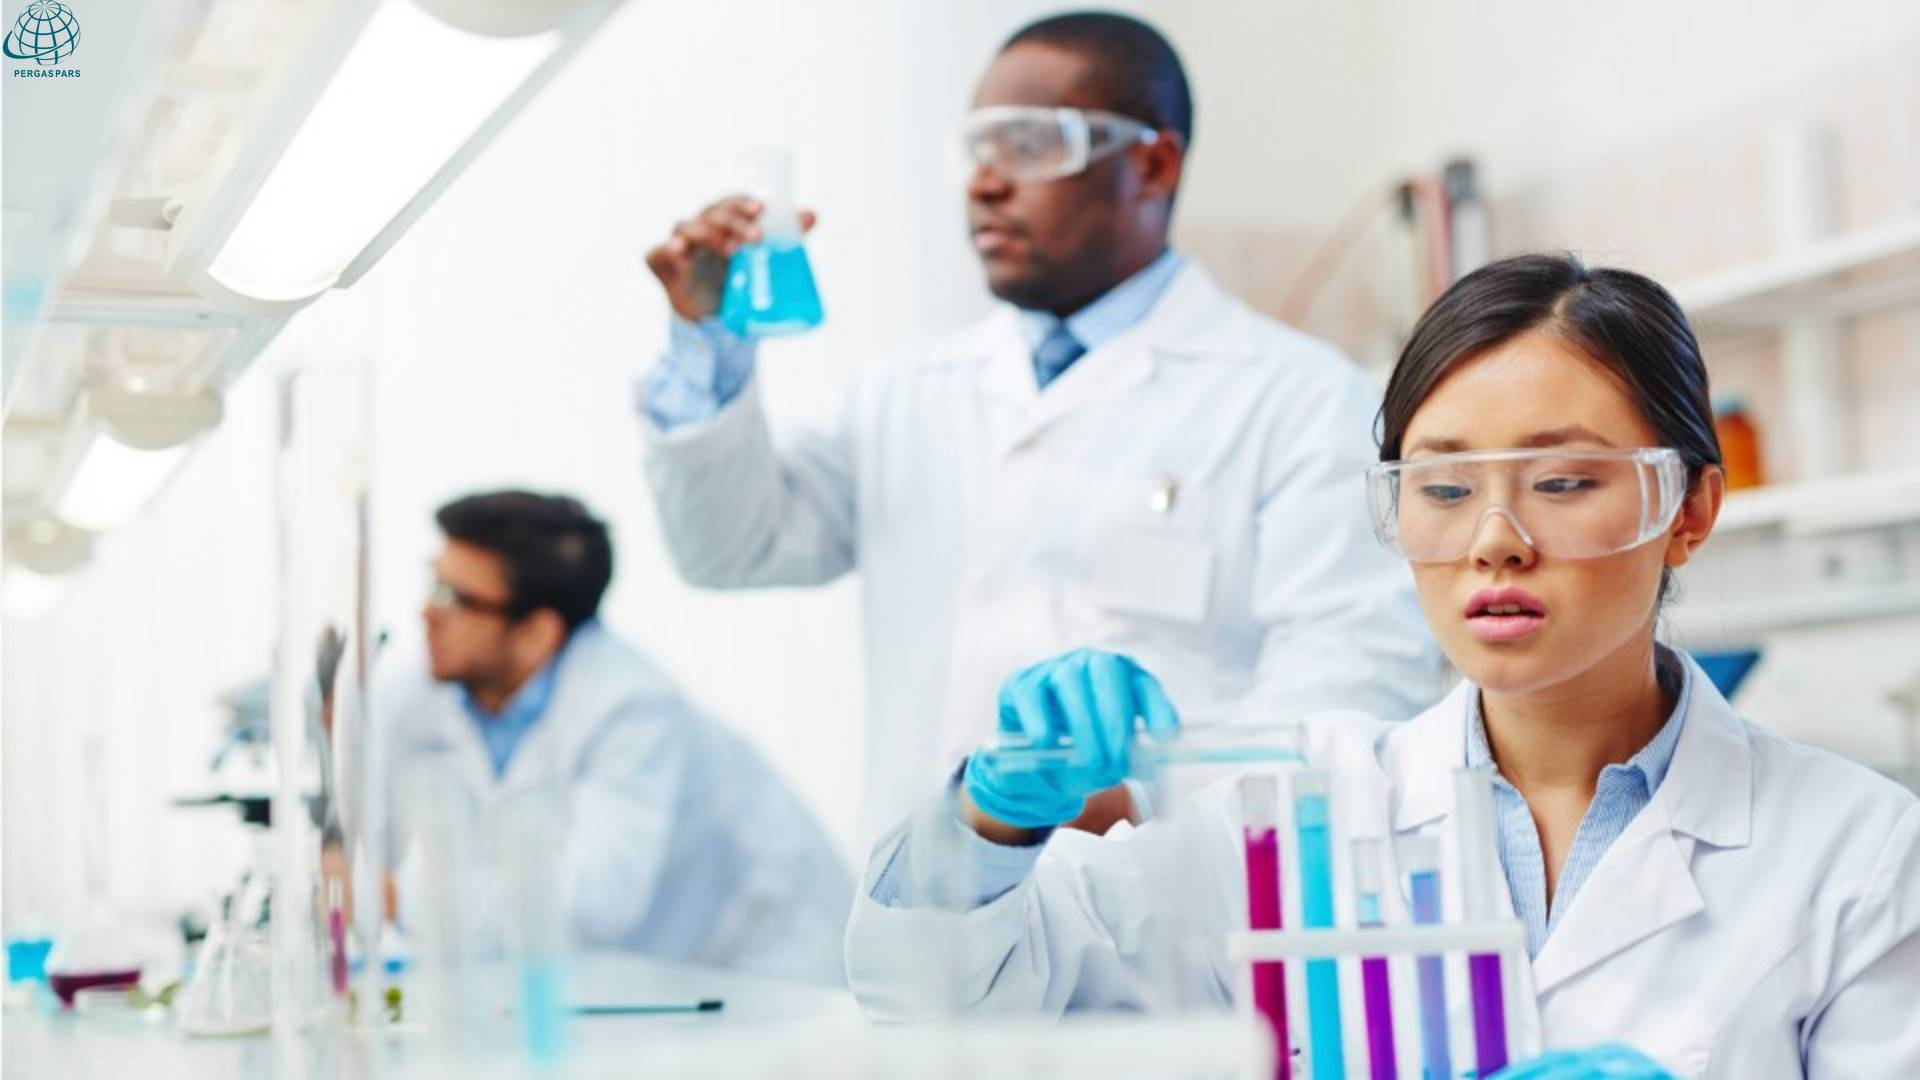 استخدام مهندس شیمی در آلمان